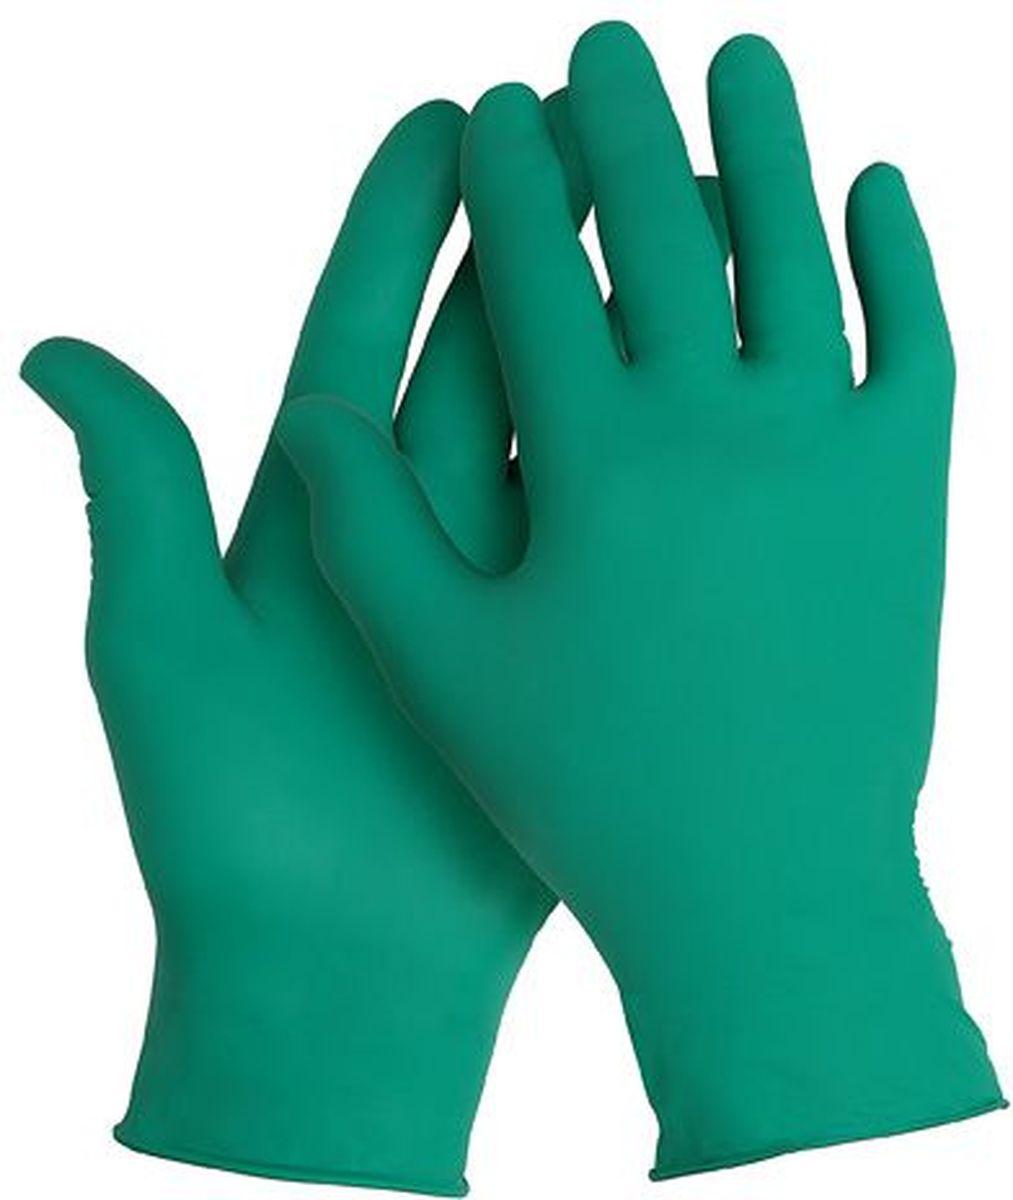 Перчатки хозяйственные Kleenguard G20, размер 9 (L), цвет: зеленый, 1250 шт. 9009390093Ассортимент перчаток для защиты рук от химических веществ и механических воздействий – повышают безопасность работ и сокращают затраты. Идеальное решение, обеспечивающее защиту уровня СИЗ категории III (CE Complex) от брызг химических веществ в медицине, полиграфии, сельском хозяйстве, на участках сборки и окраски автомобилей, при выполнении аварийных работ, сборе мусора, химических разливов и утилизации отходов. Не содержат латекс и присыпок. Прочные и эргономичные перчатки с высокой тактильной чувствительностью. Могут быть использованы в пищевой промышленности или HoReCa. Формат поставки: сверхтонкие перчатки с универсальным дизайном для обеих рук; не содержат присыпку и латекс; усиленная манжета для дополнительной прочности, рельефная поверхность пальцев для лучшего захвата; широкий ассортимент размеров – от XS до XL – обеспечивает комфортное ношение. Размеры: 90090 - XS (6) 90091 - S (7) 90092 - M (8) 90093 - L (9)